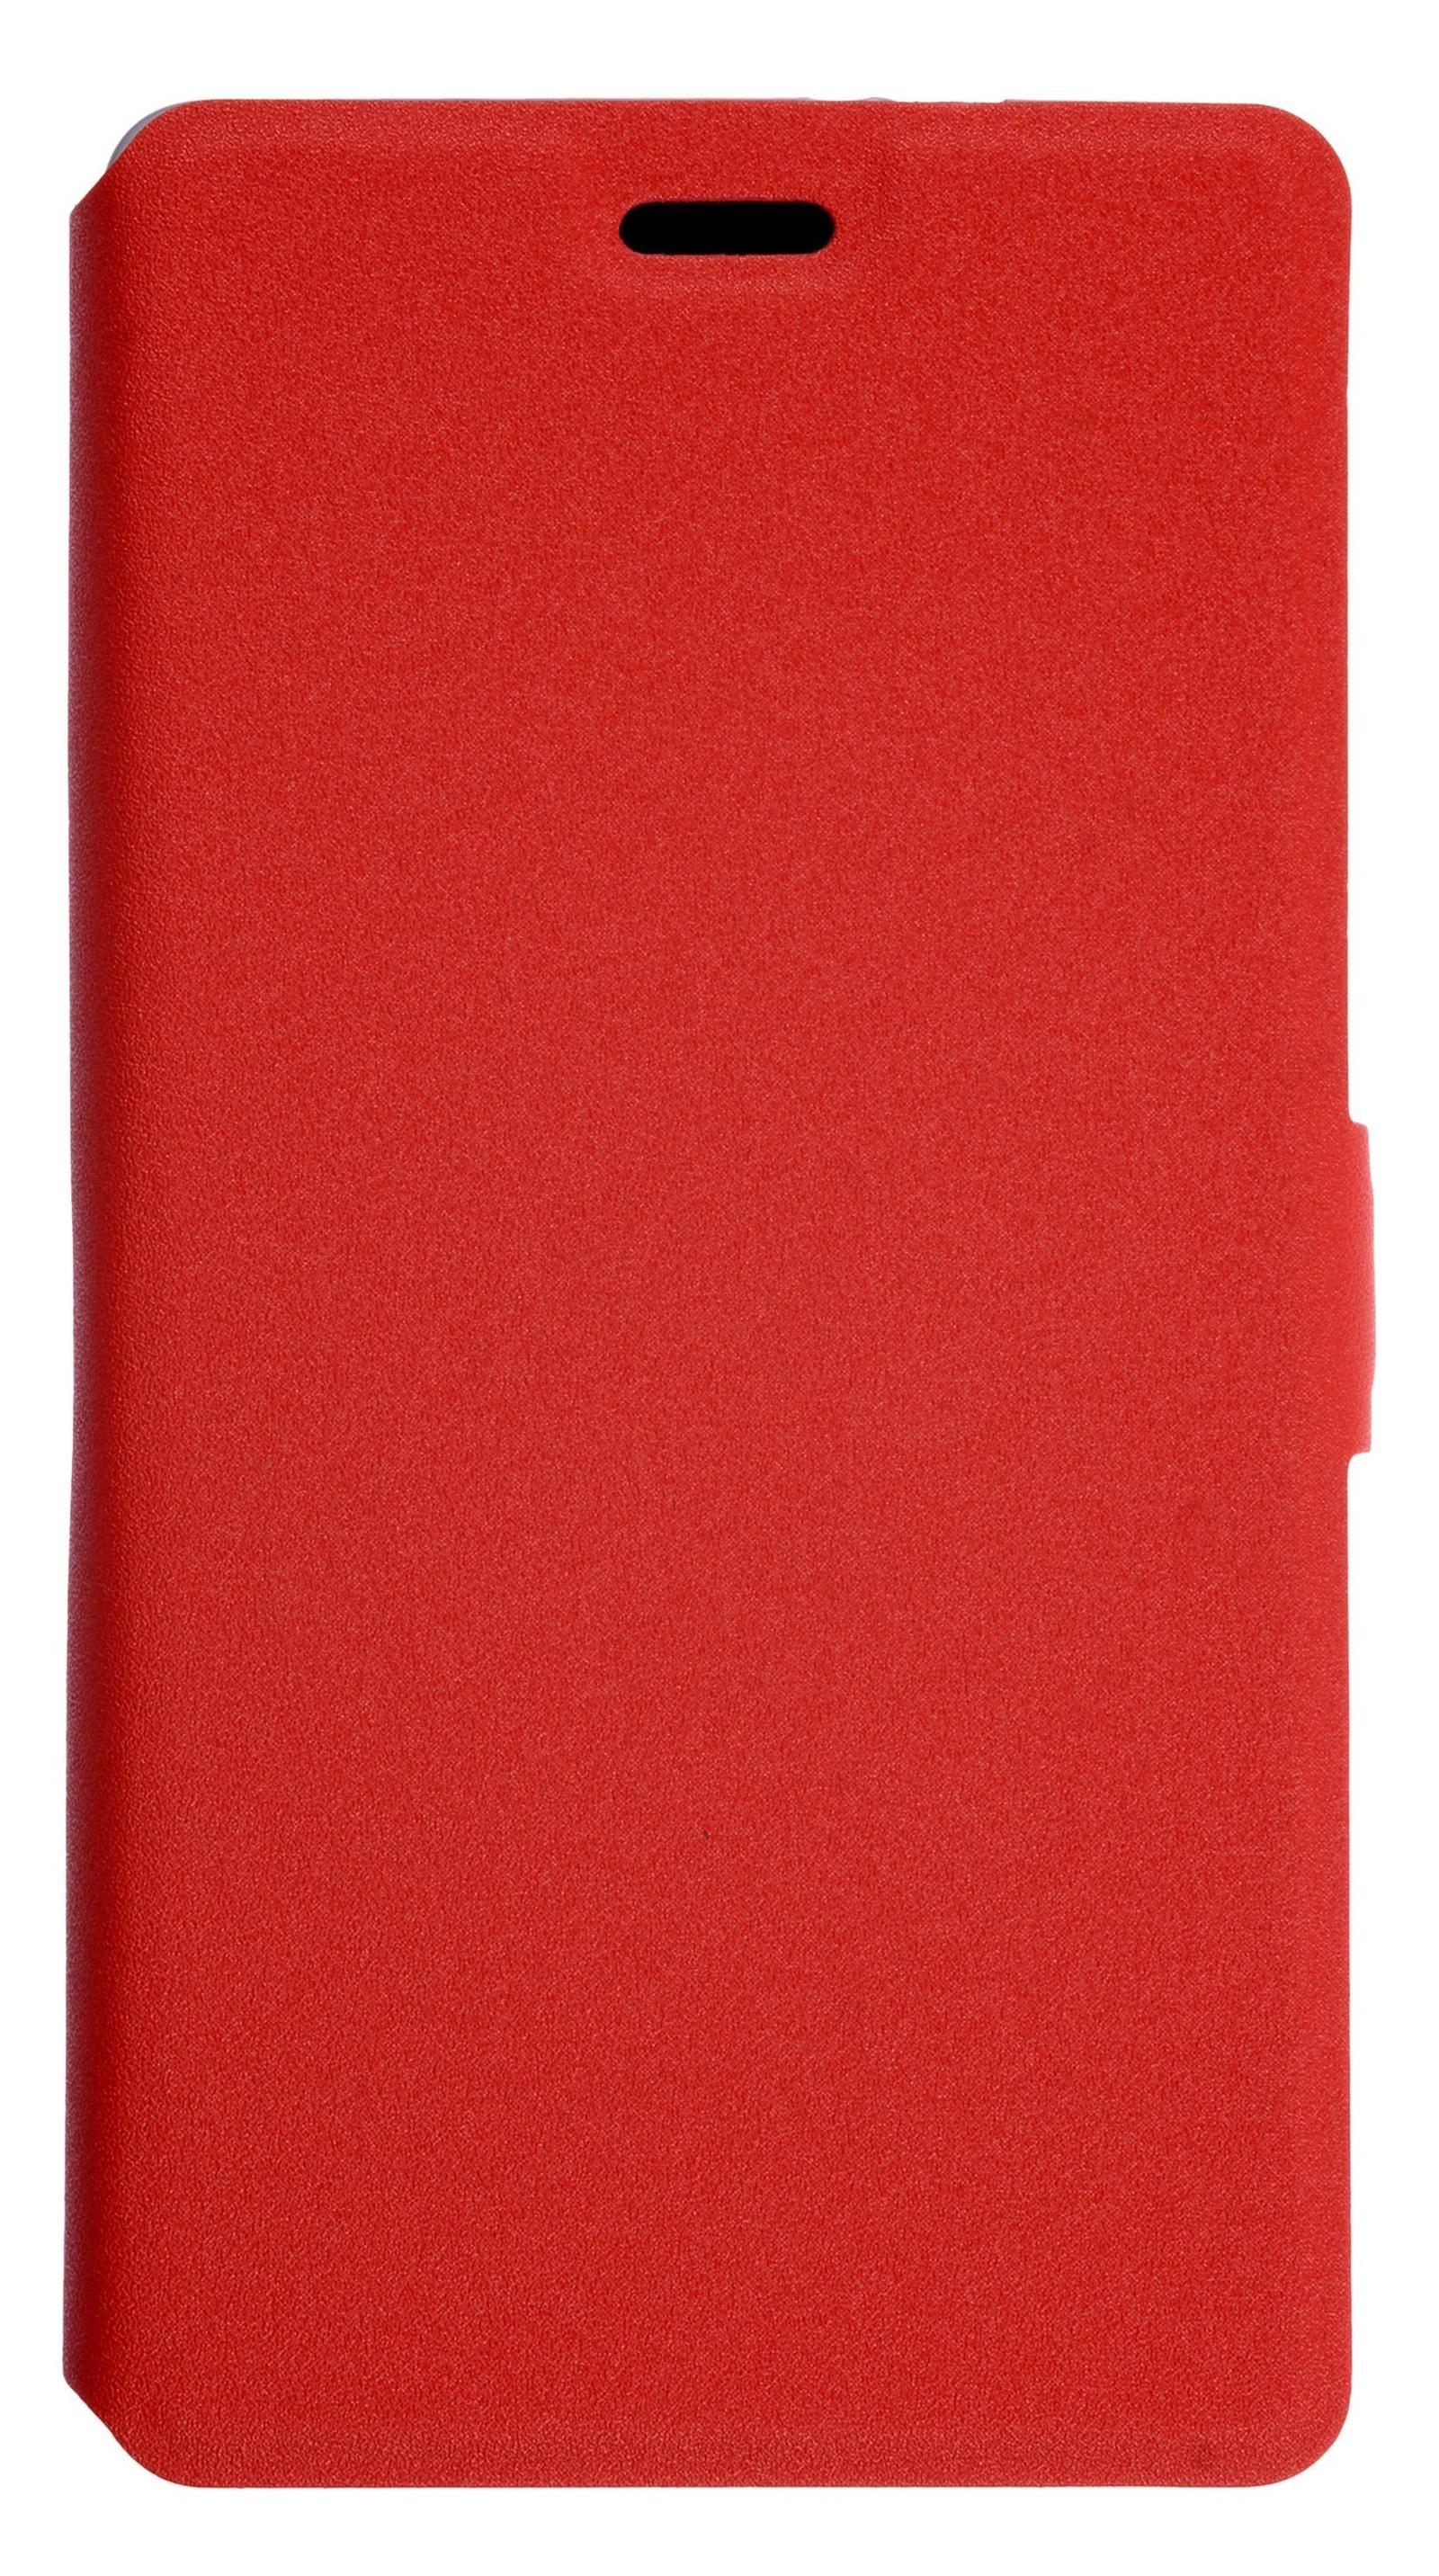 Чехол для сотового телефона PRIME Book, 4630042529663, красный чехол для сотового телефона prime book 4630042523708 красный